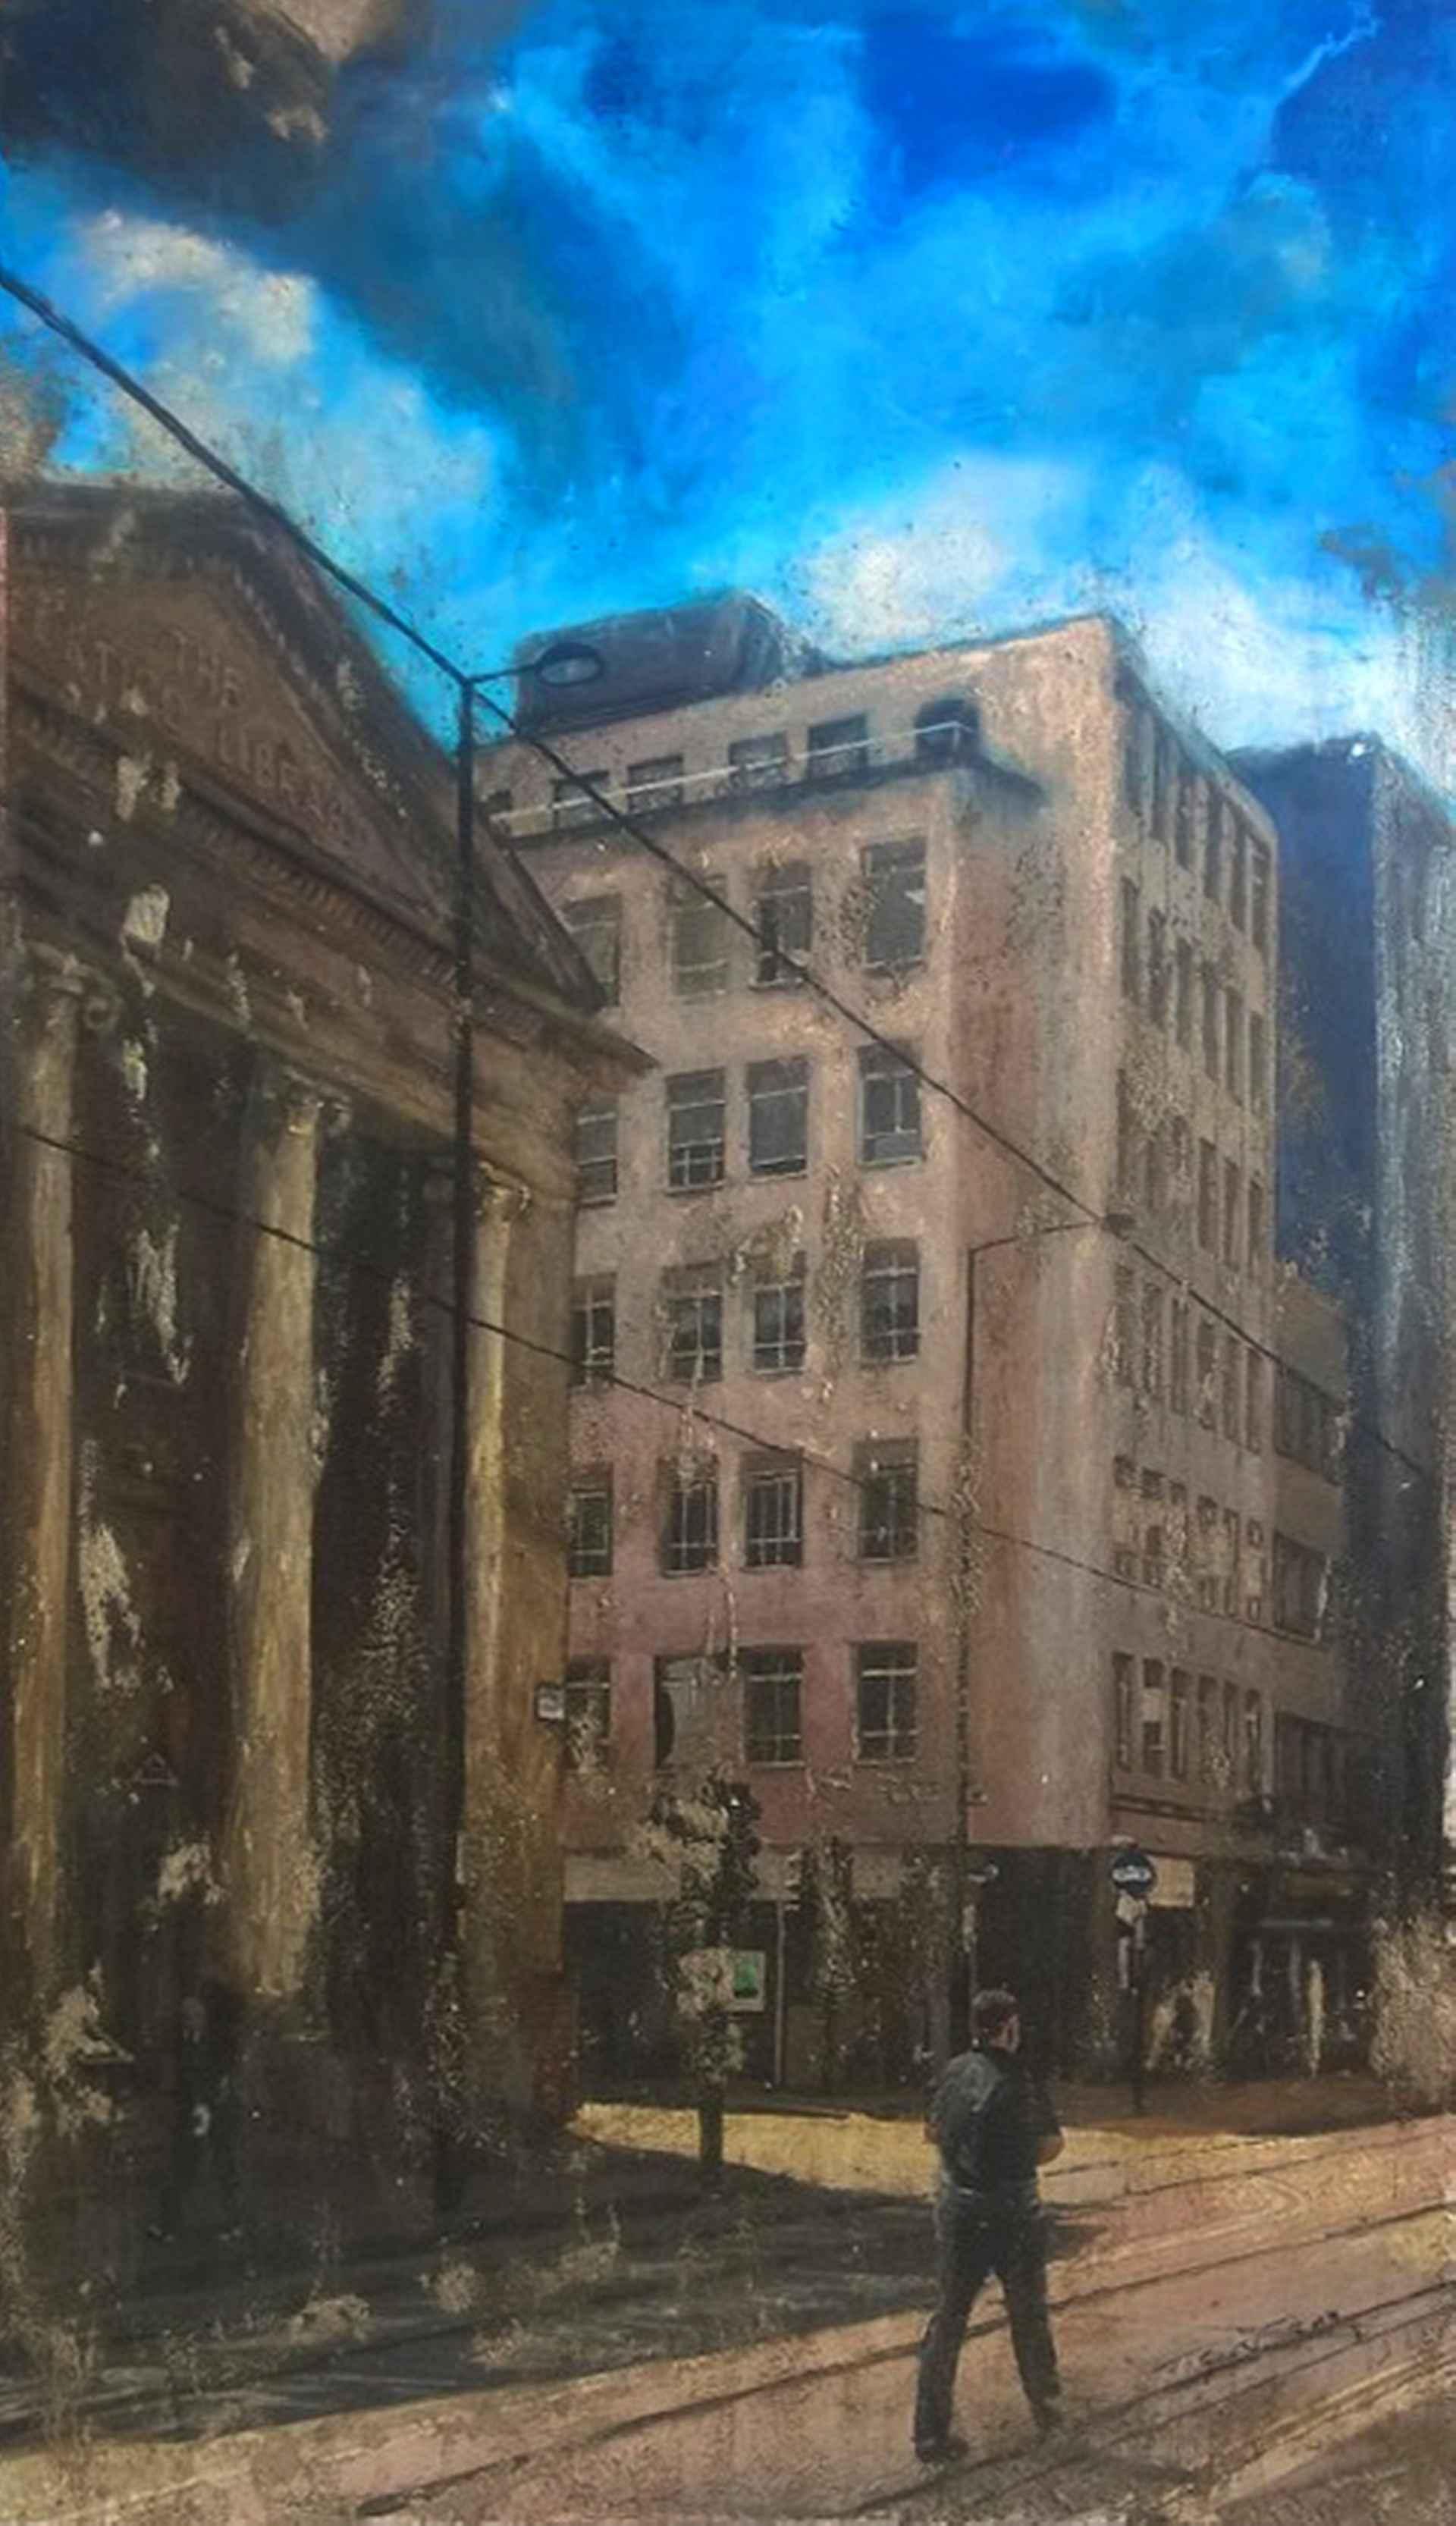 Charlotte Street by Tim Garner